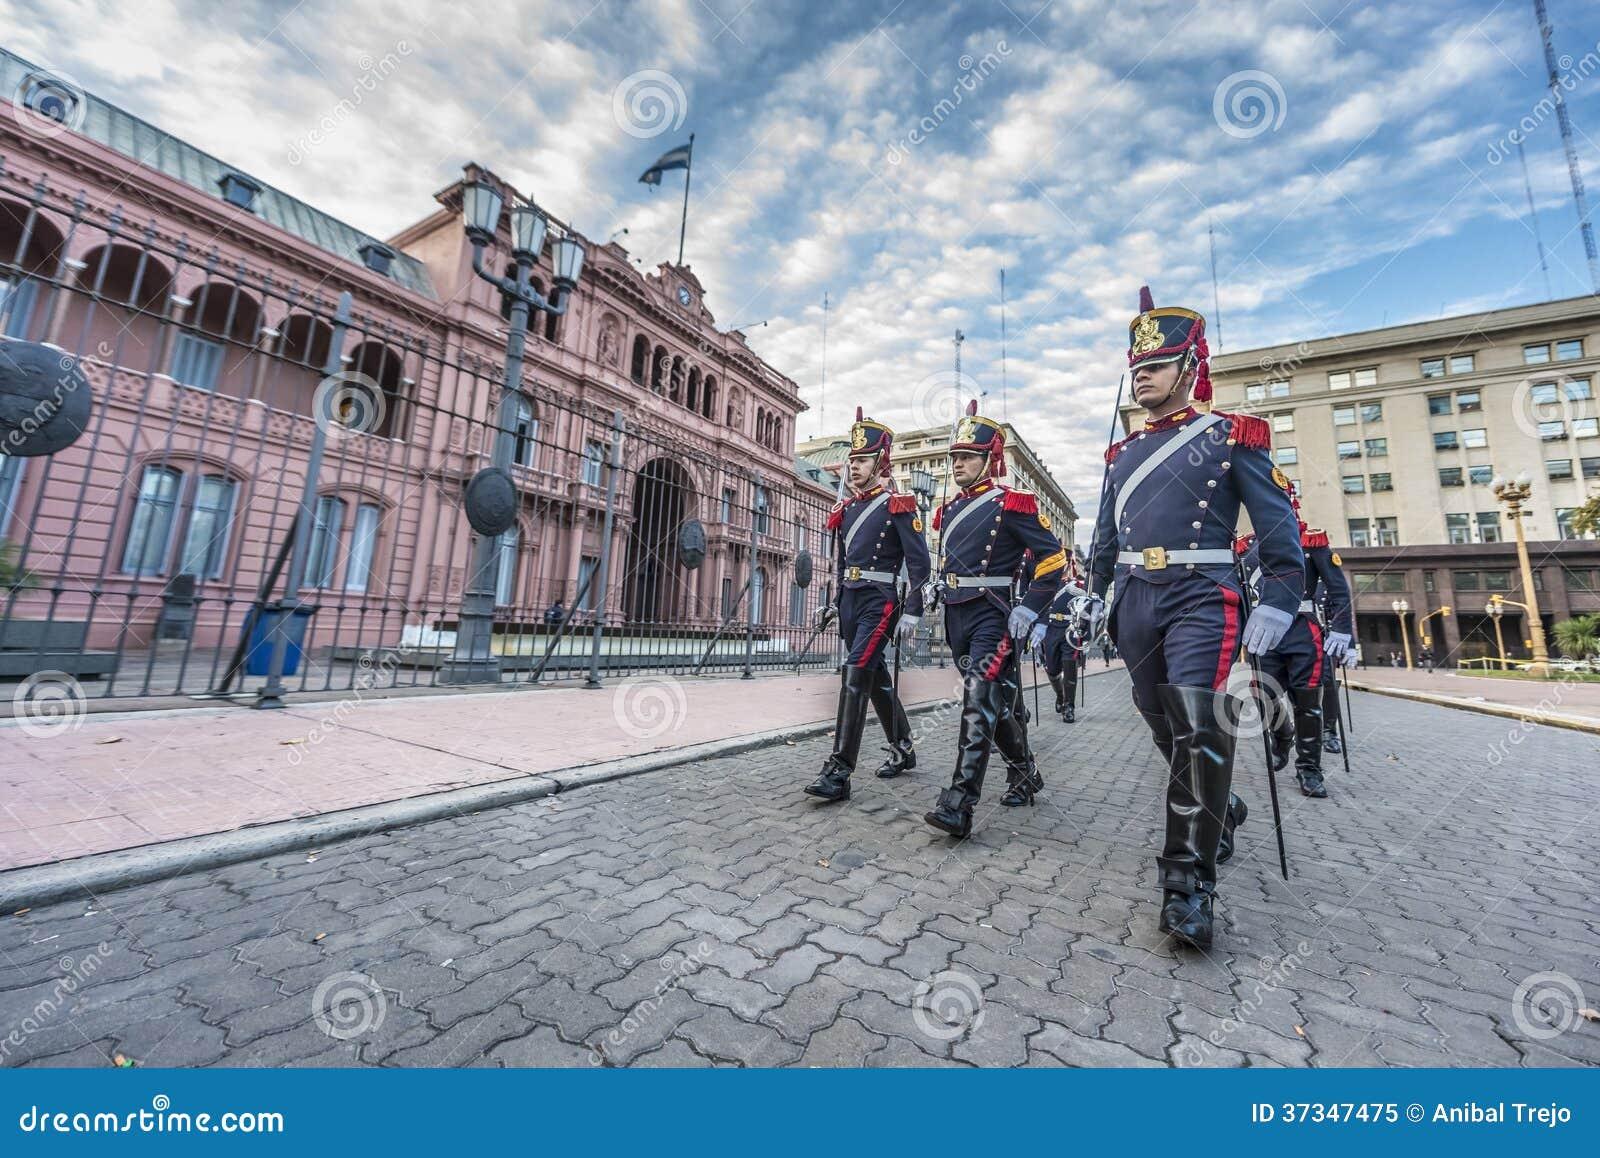 Hästgrenadjärer i Buenos Aires, Argentina.